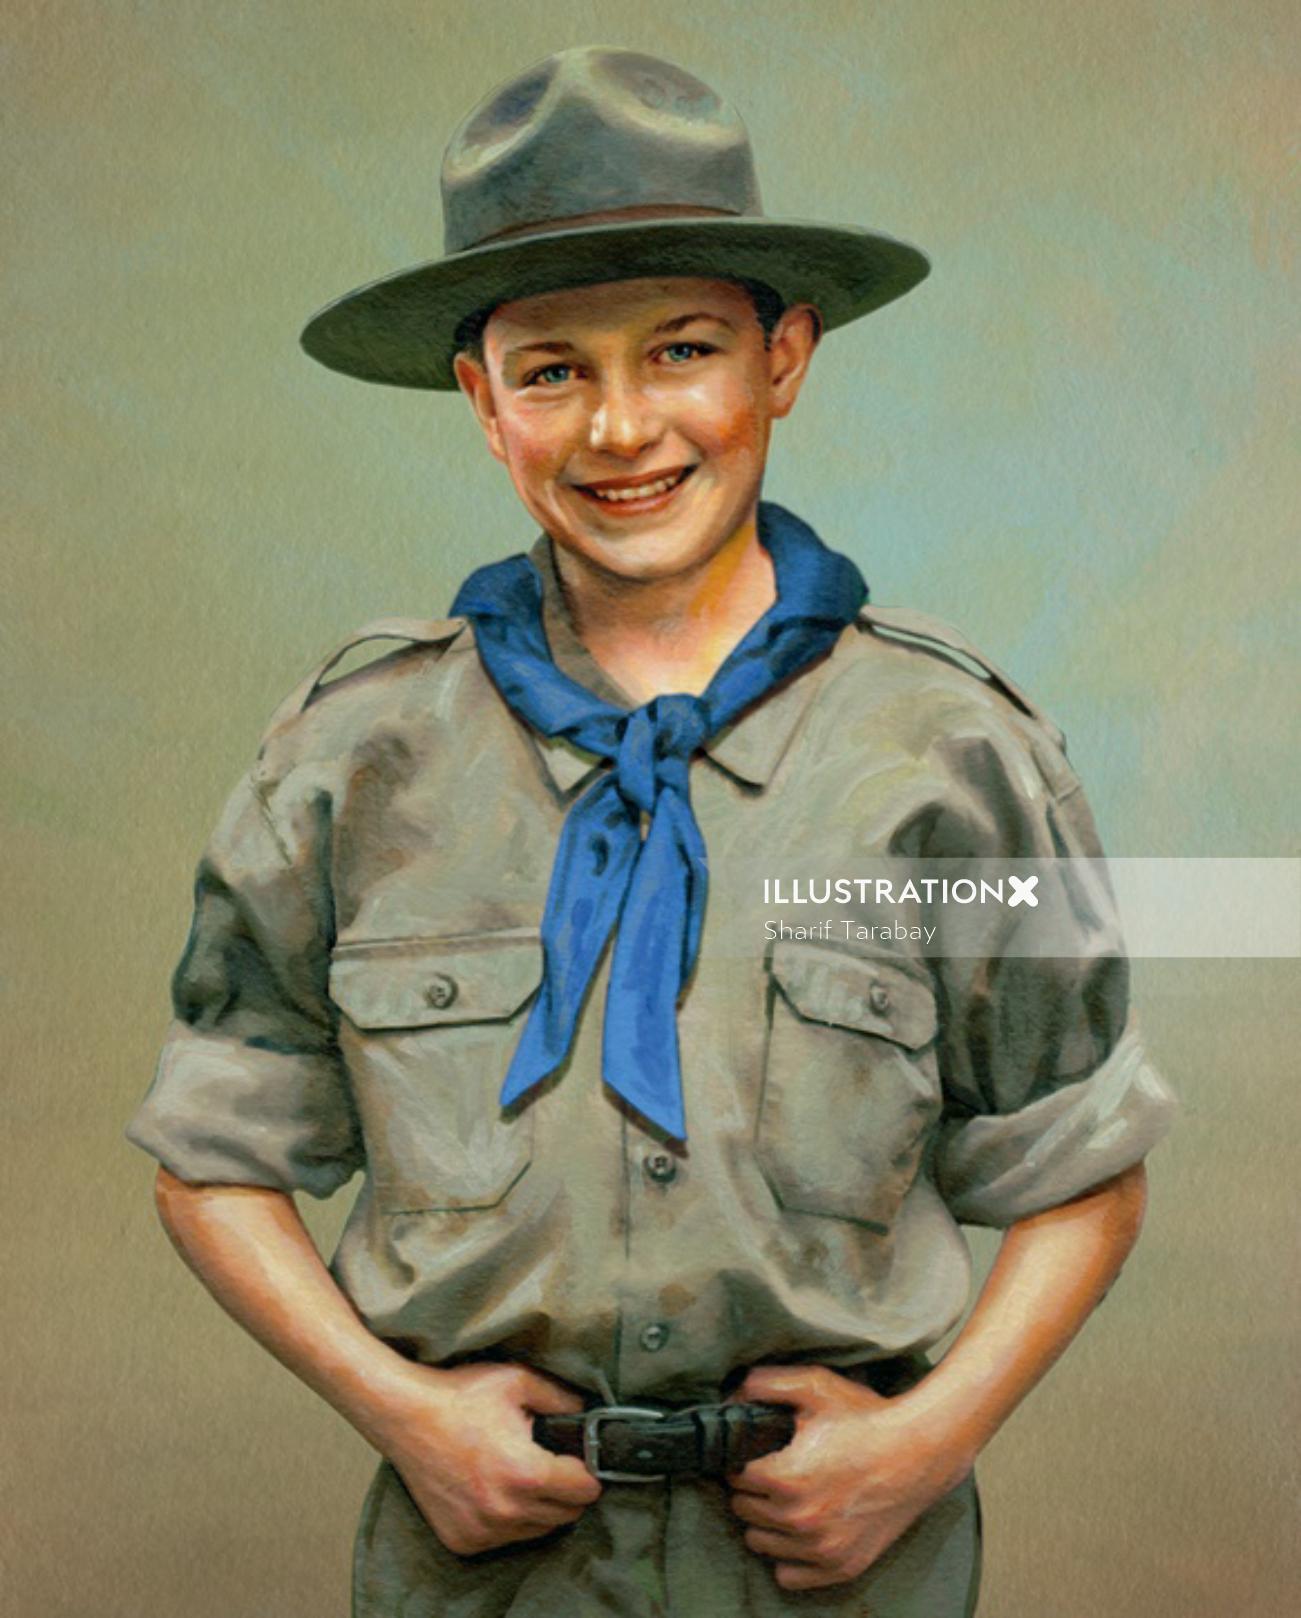 Boy Scout portrait illustration